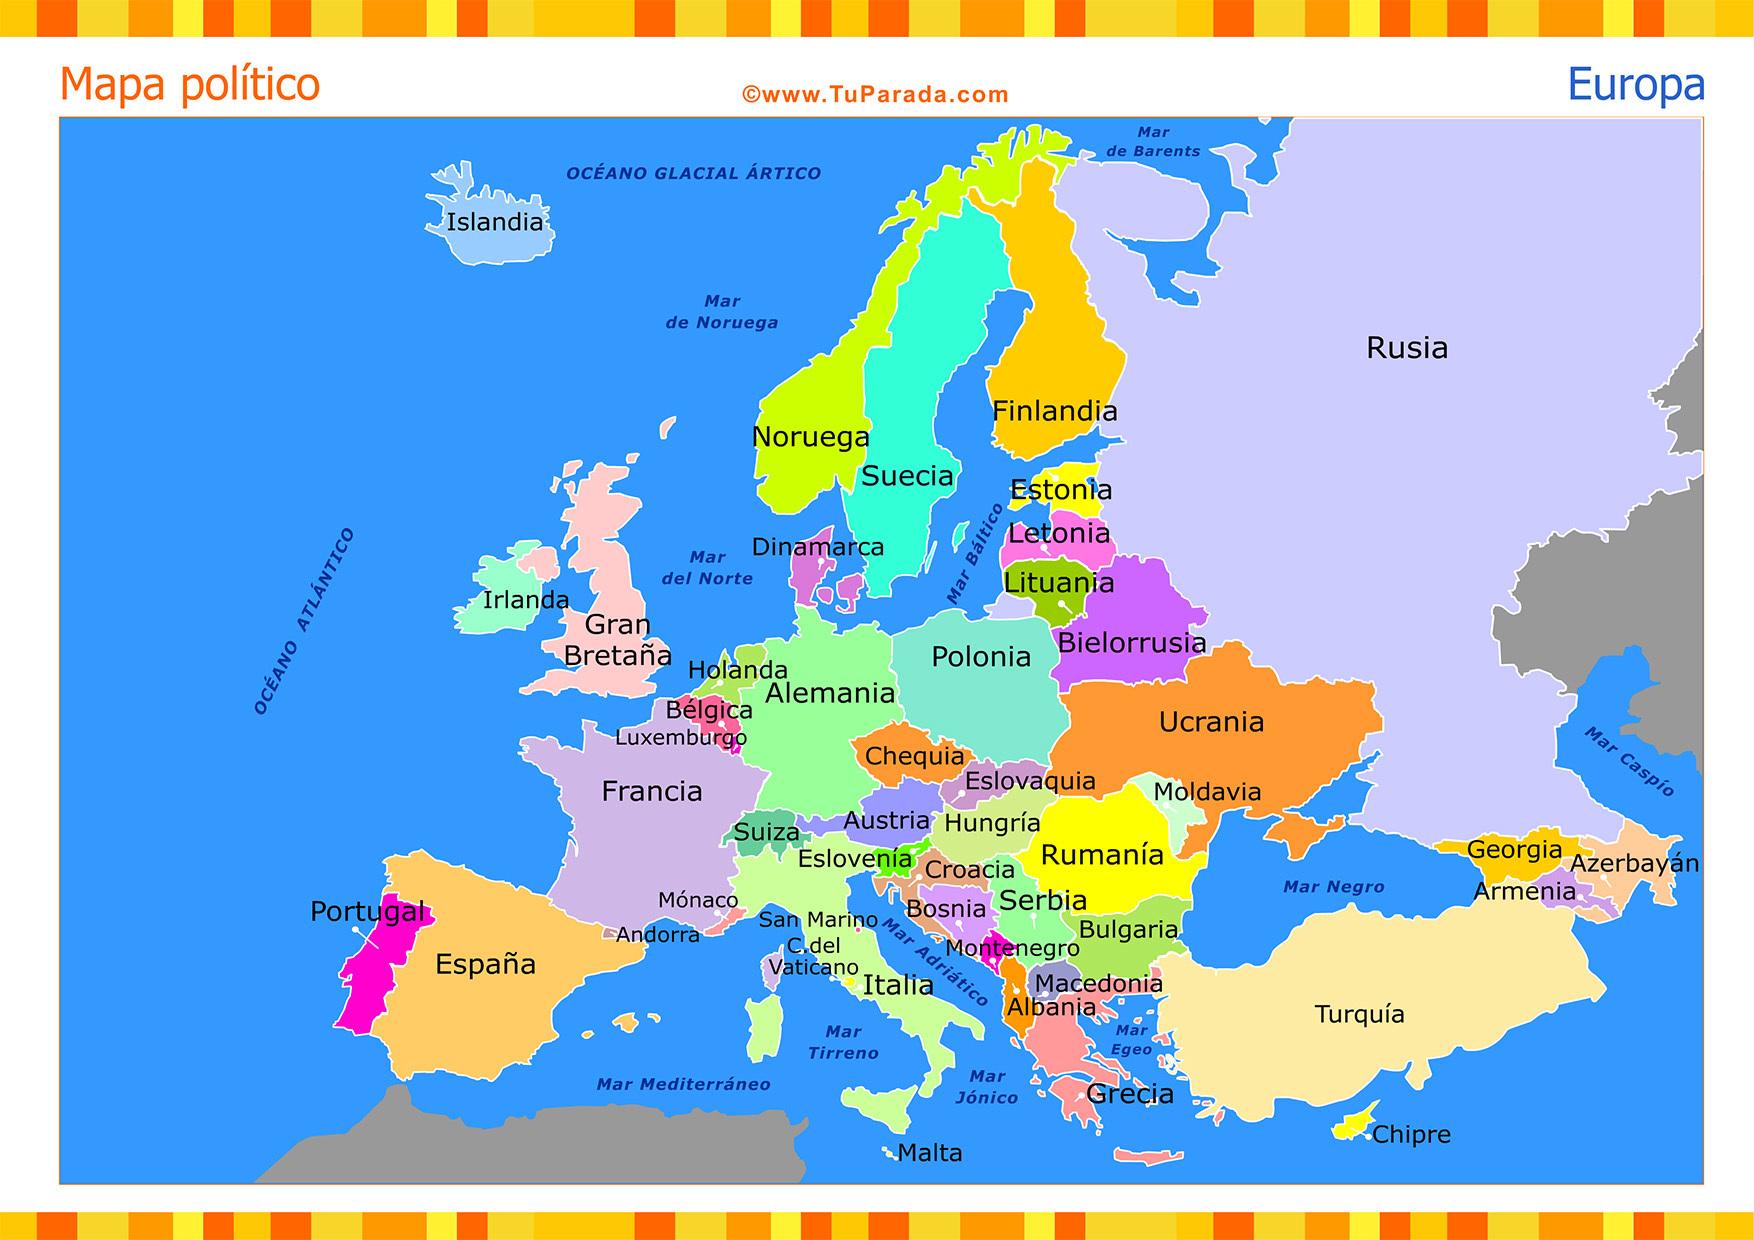 Mapa Europa En Español.Mapa De Europa Con Division Politica Y Nombres En Espanol